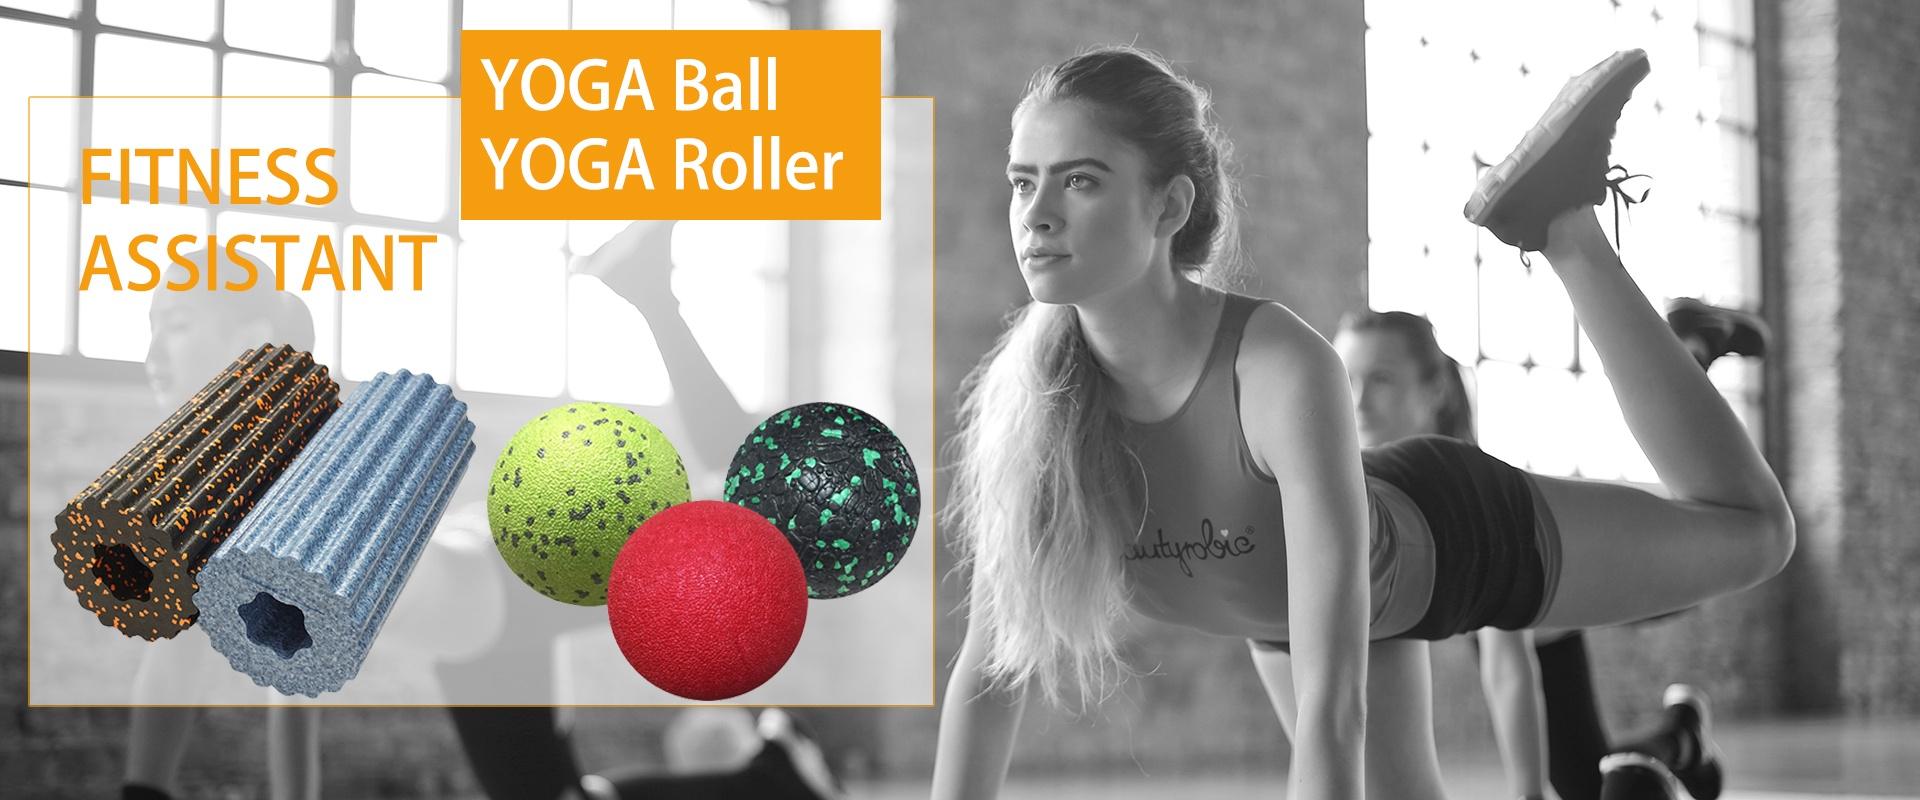 yoga ball banner